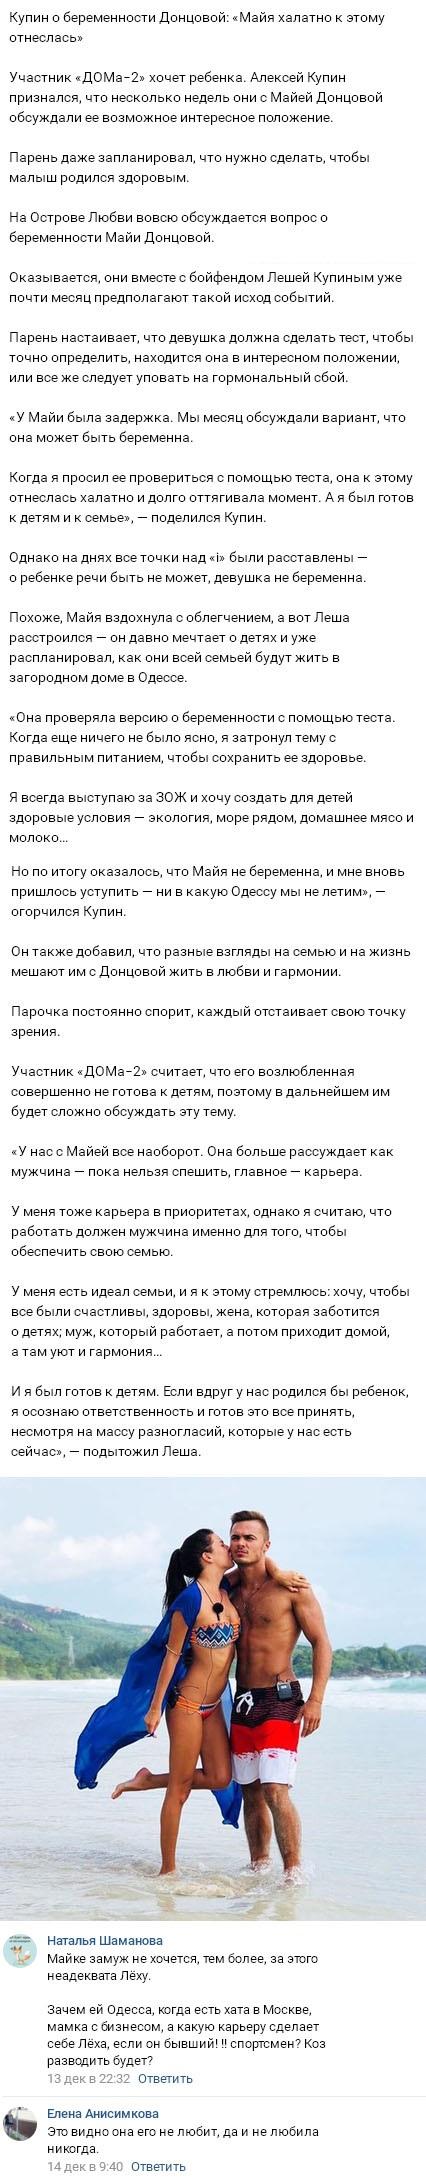 Алексей Купин недоволен отношением Майи Донцовой к беременности